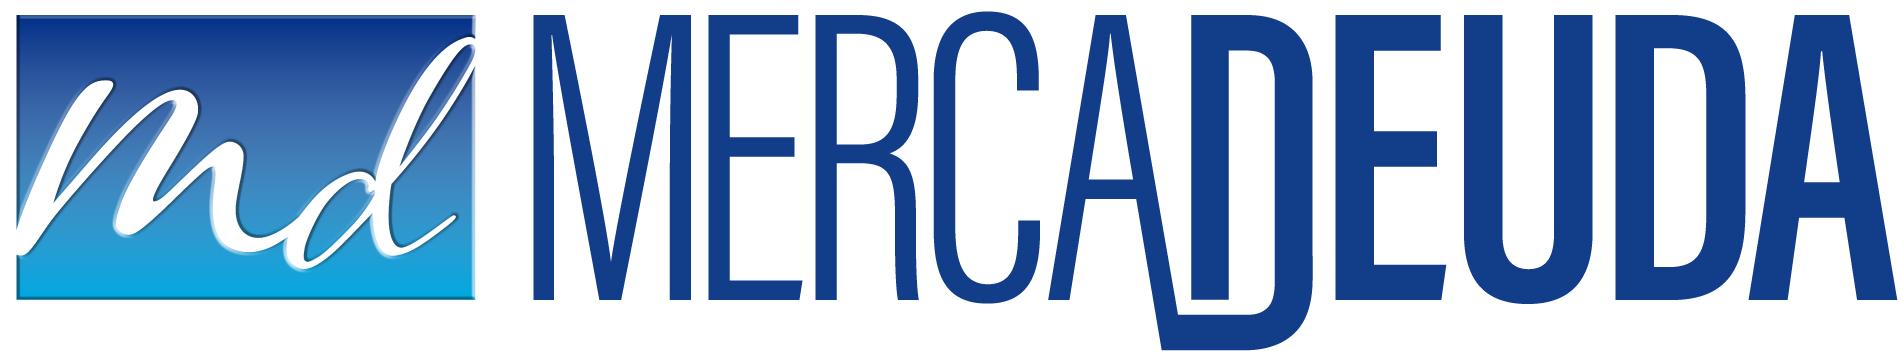 MERCADEUDA